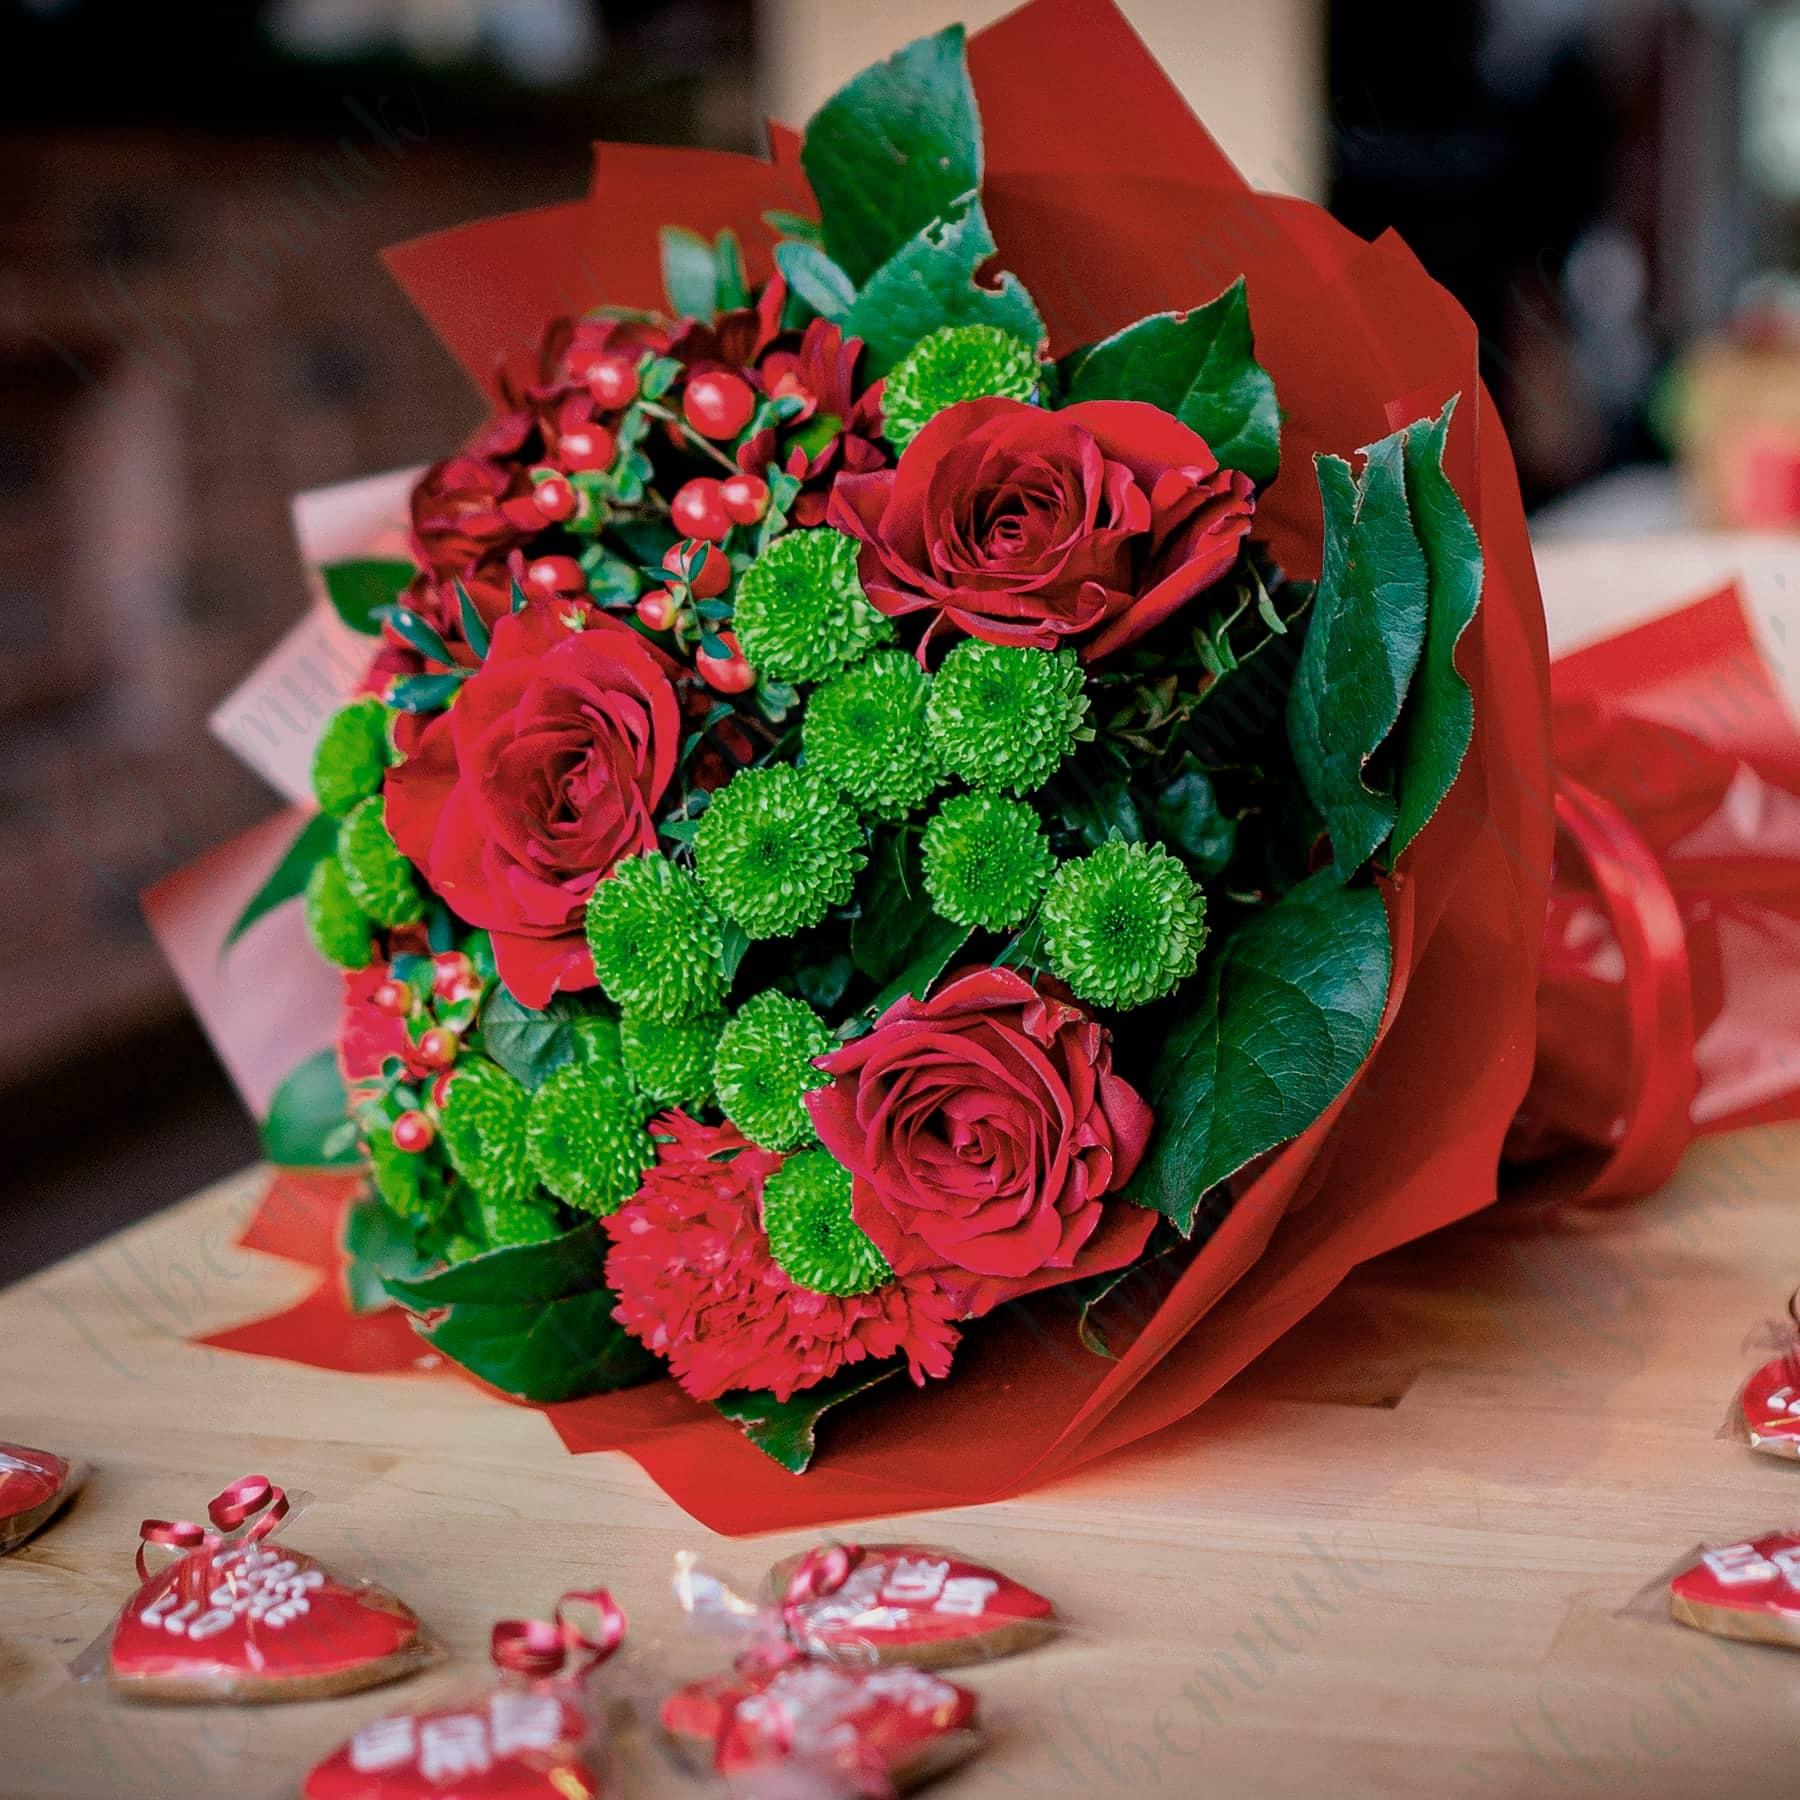 Подарочный букет из хризантем и красных роз